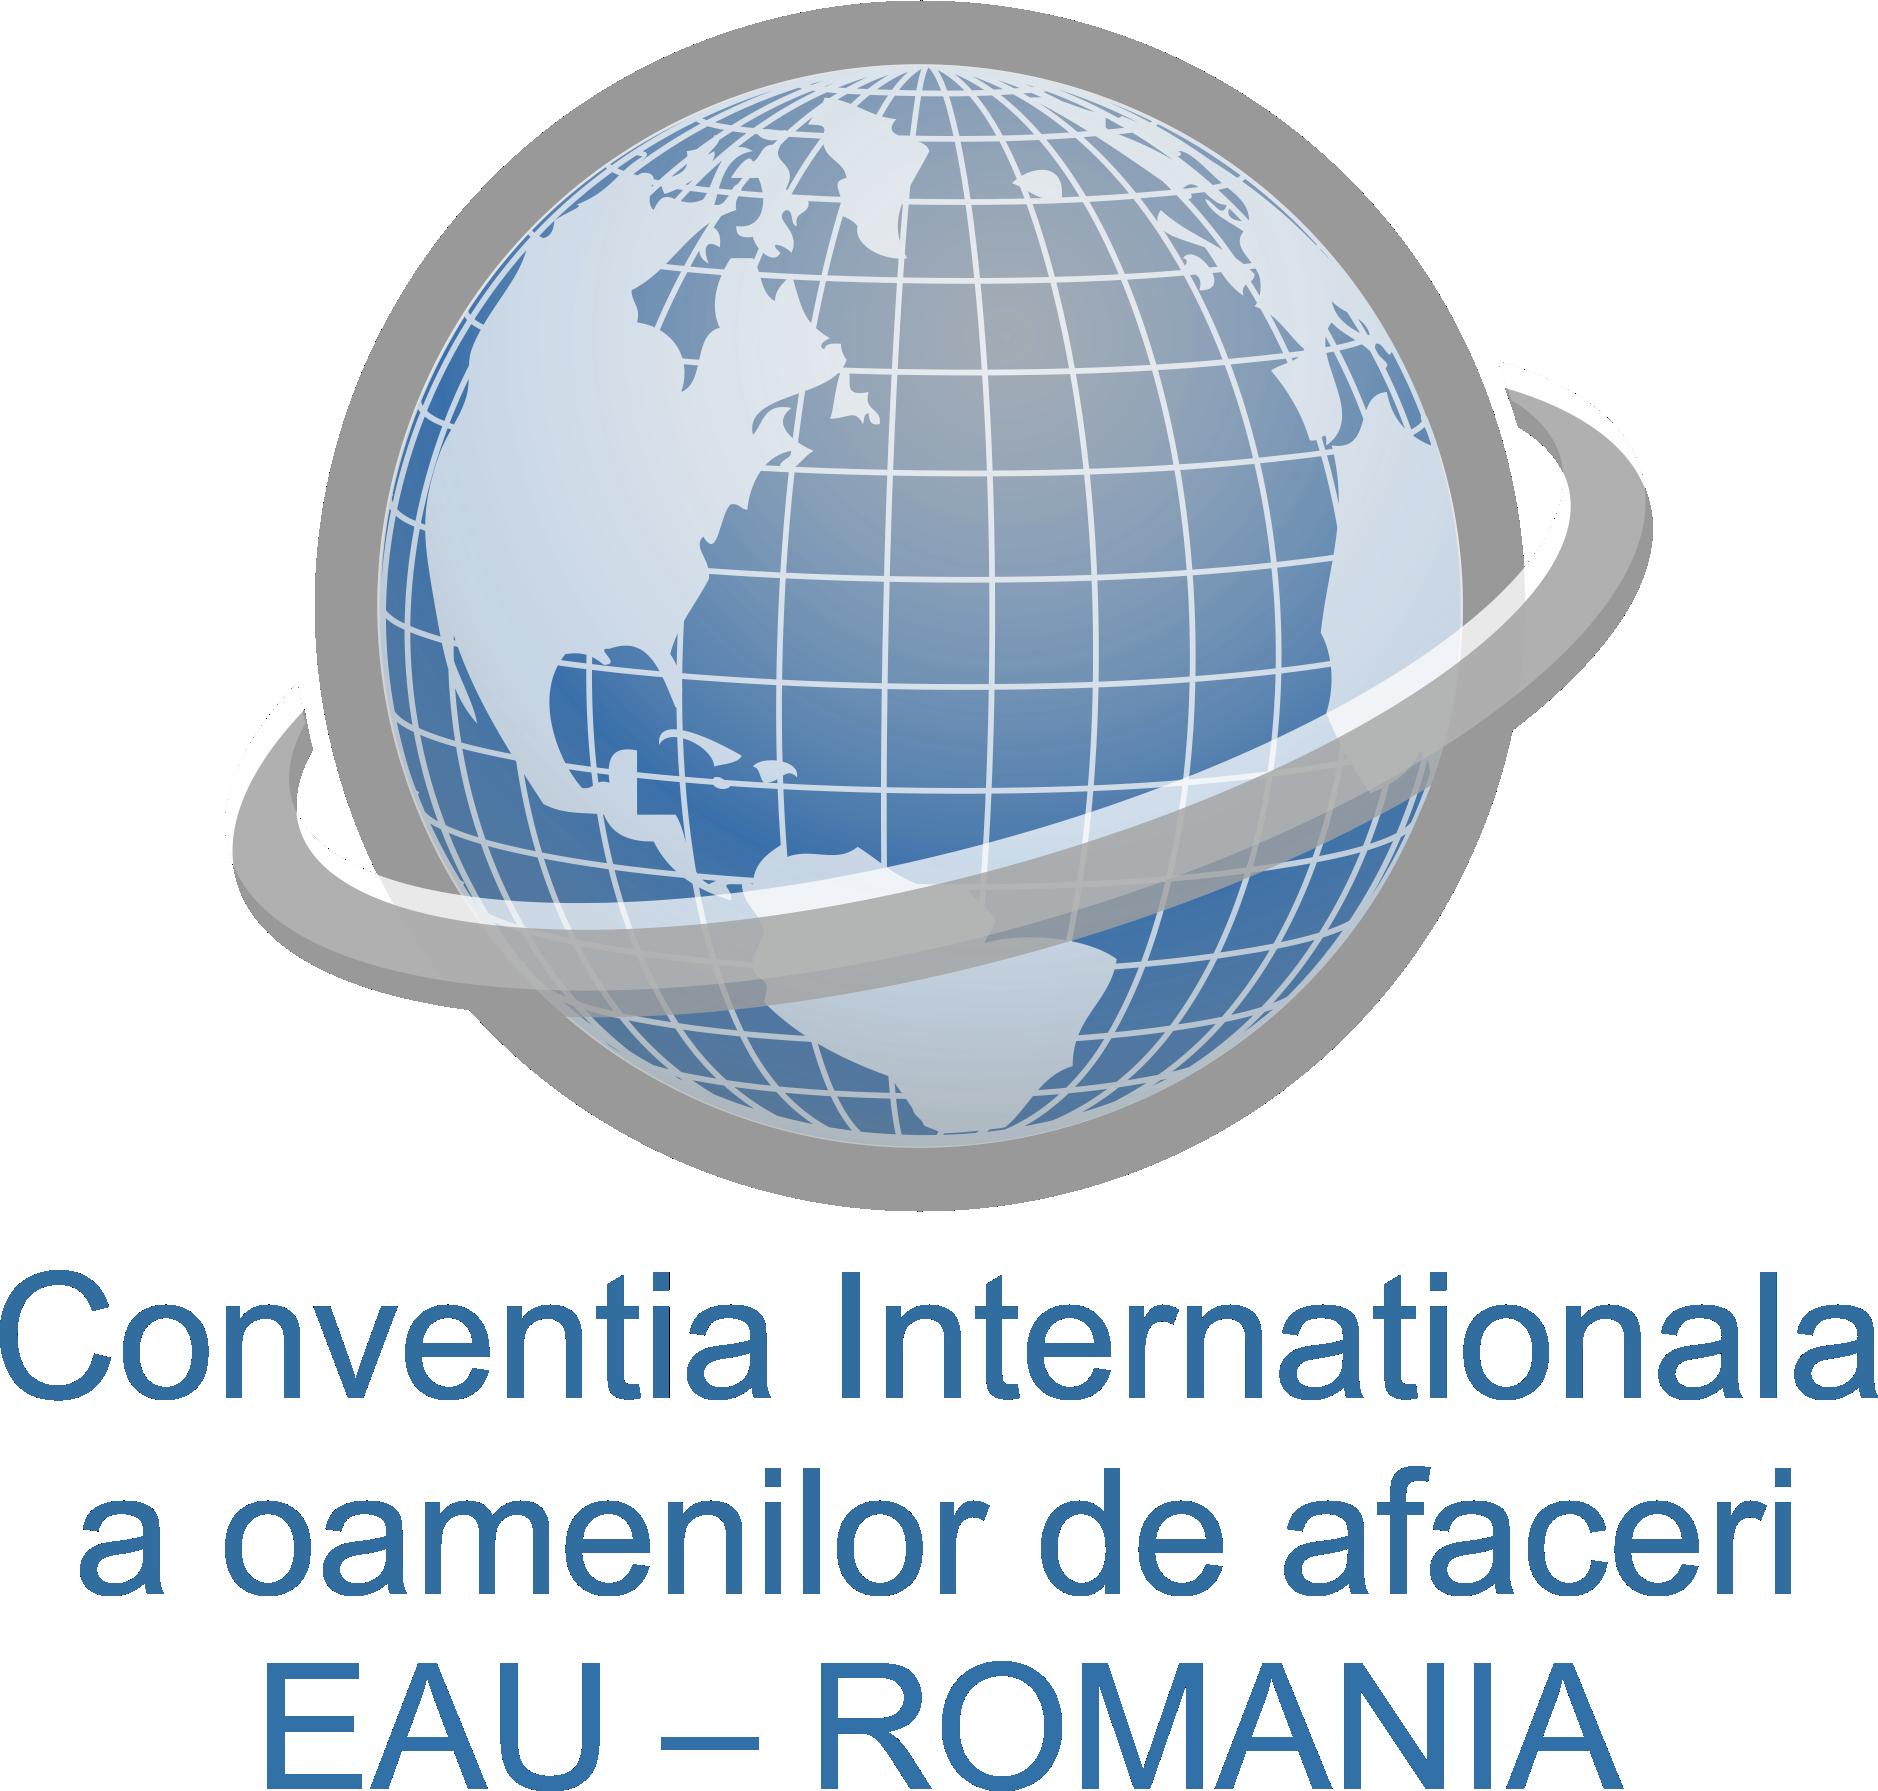 CONVENTIA INTERNATIONALA A OAMENILOR DE AFACERI